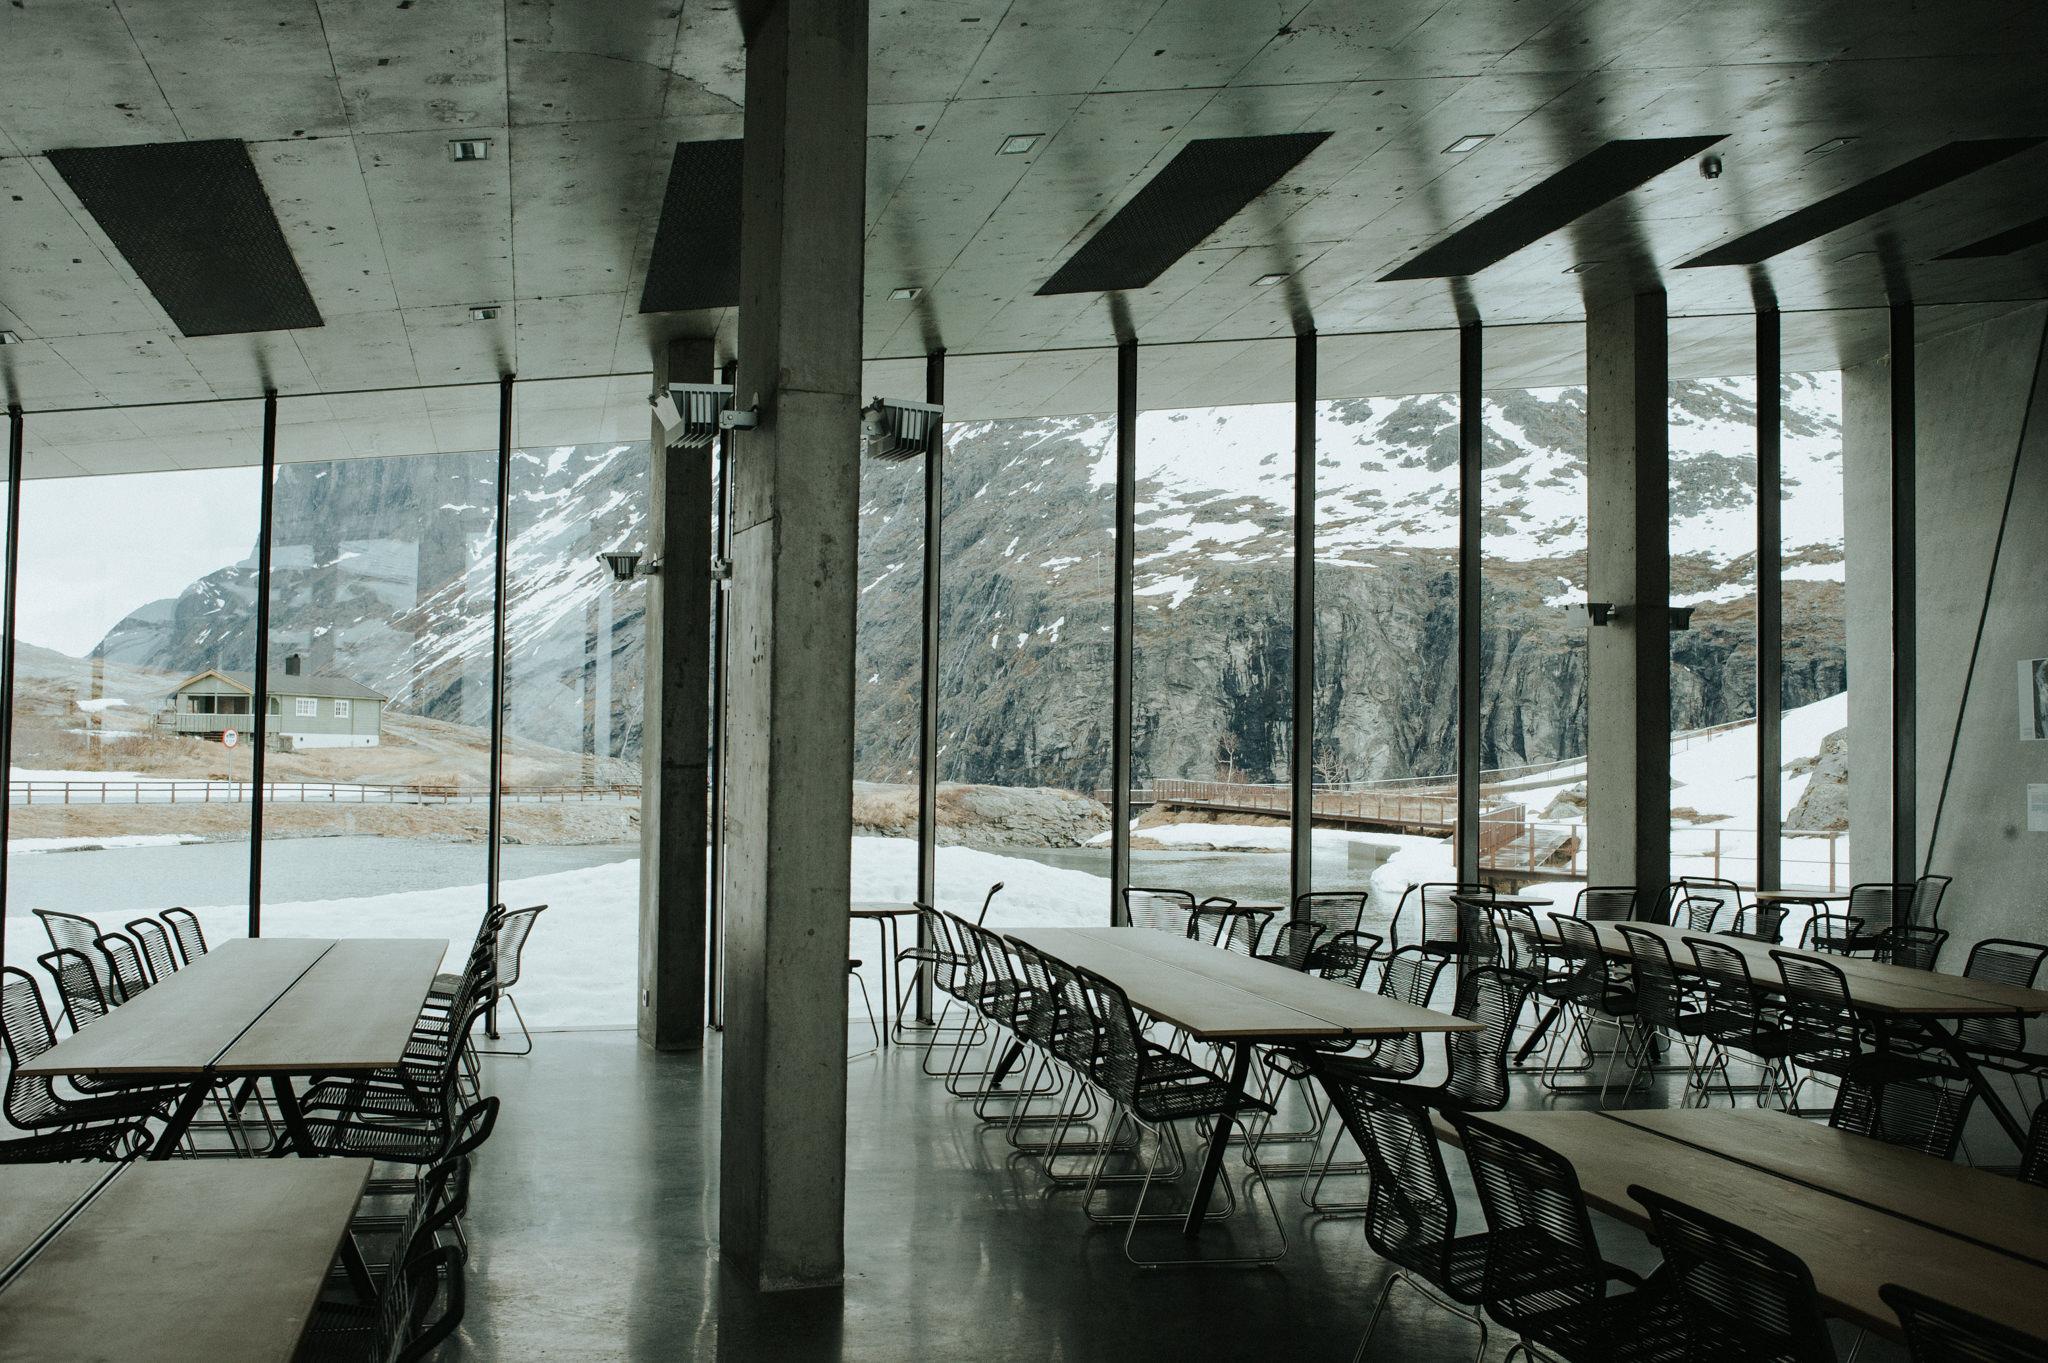 Trollstigen, Norway // Daring Wanderer: www.daringwanderer.com